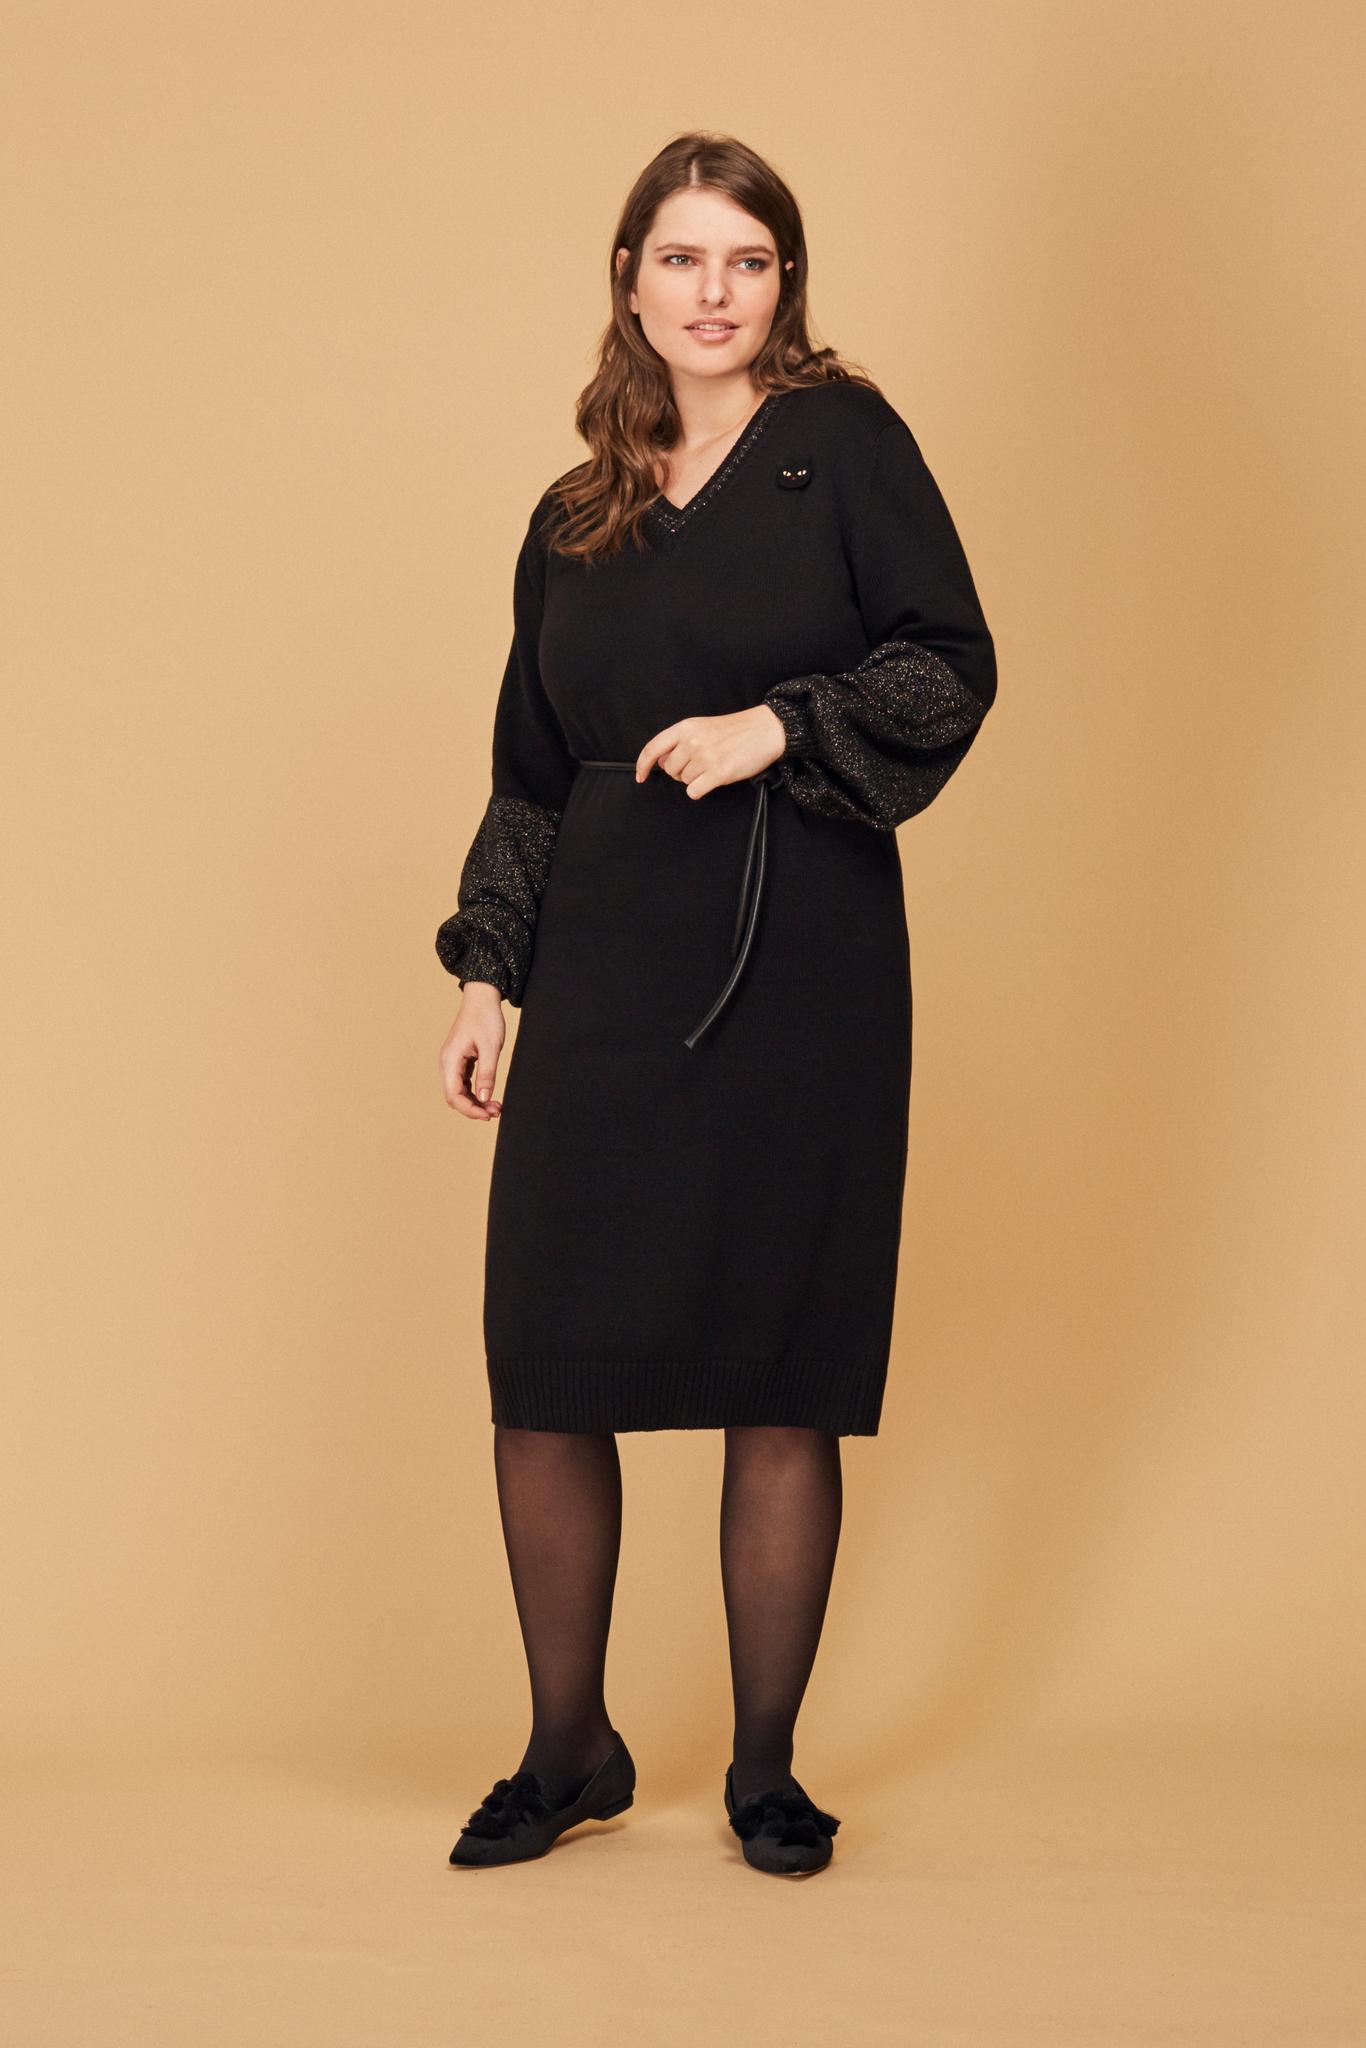 Вязаное платье LE-09 D01 K 01/44Платья<br>Любой цвет хорош, если он – черный: встречайте полуприлегающее вязаное платье с контрастными по фактуре декоративными рукавами и отделкой V-образного выреза. Широкая резинка по низу и манжетам – мягкая ирония, тонкий намек: за строгой элегантностью скрывается тепло и уют любимого свитера. Лучший выбор для новогодних светских раутов! Рост модели на фото 178 см, размер 54 (российский).<br>